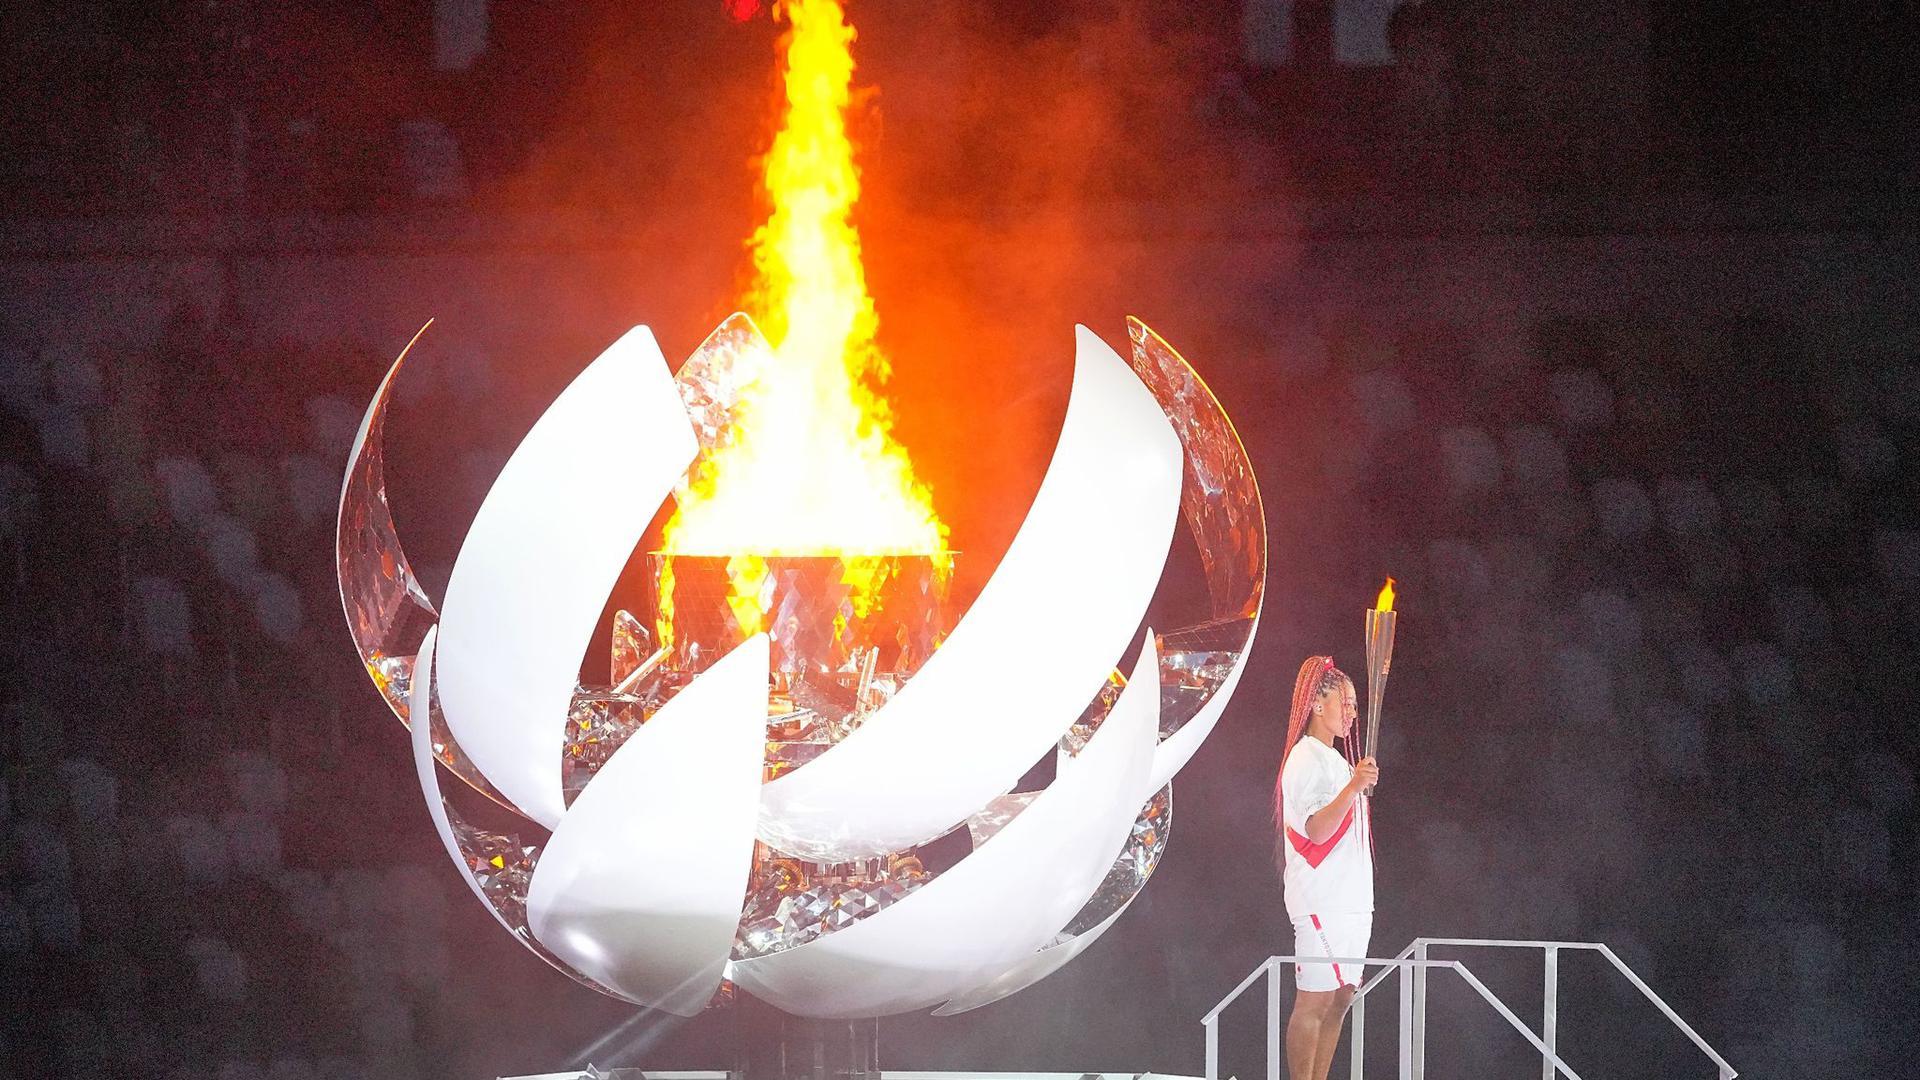 Die olympische Flamme wurde Japans Tennis-Star Naomi Osaka entzündet.